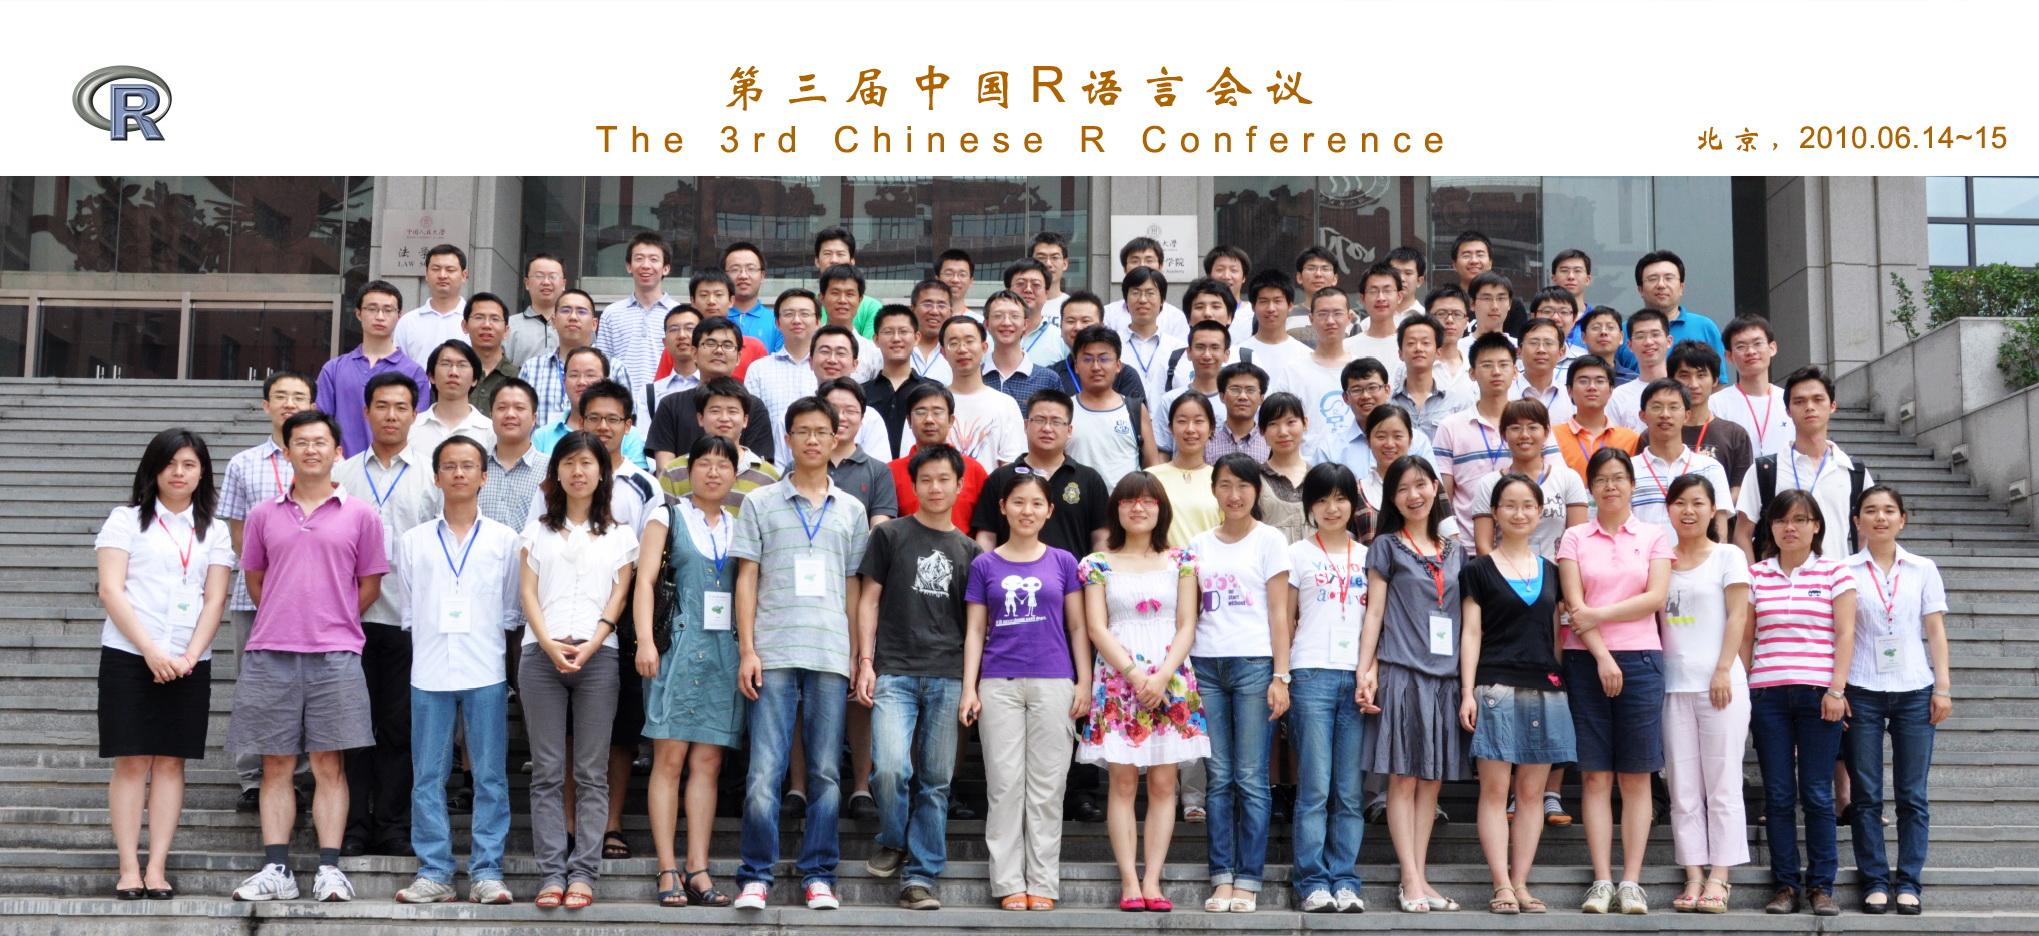 第三届中国R语言会议北京会场合影